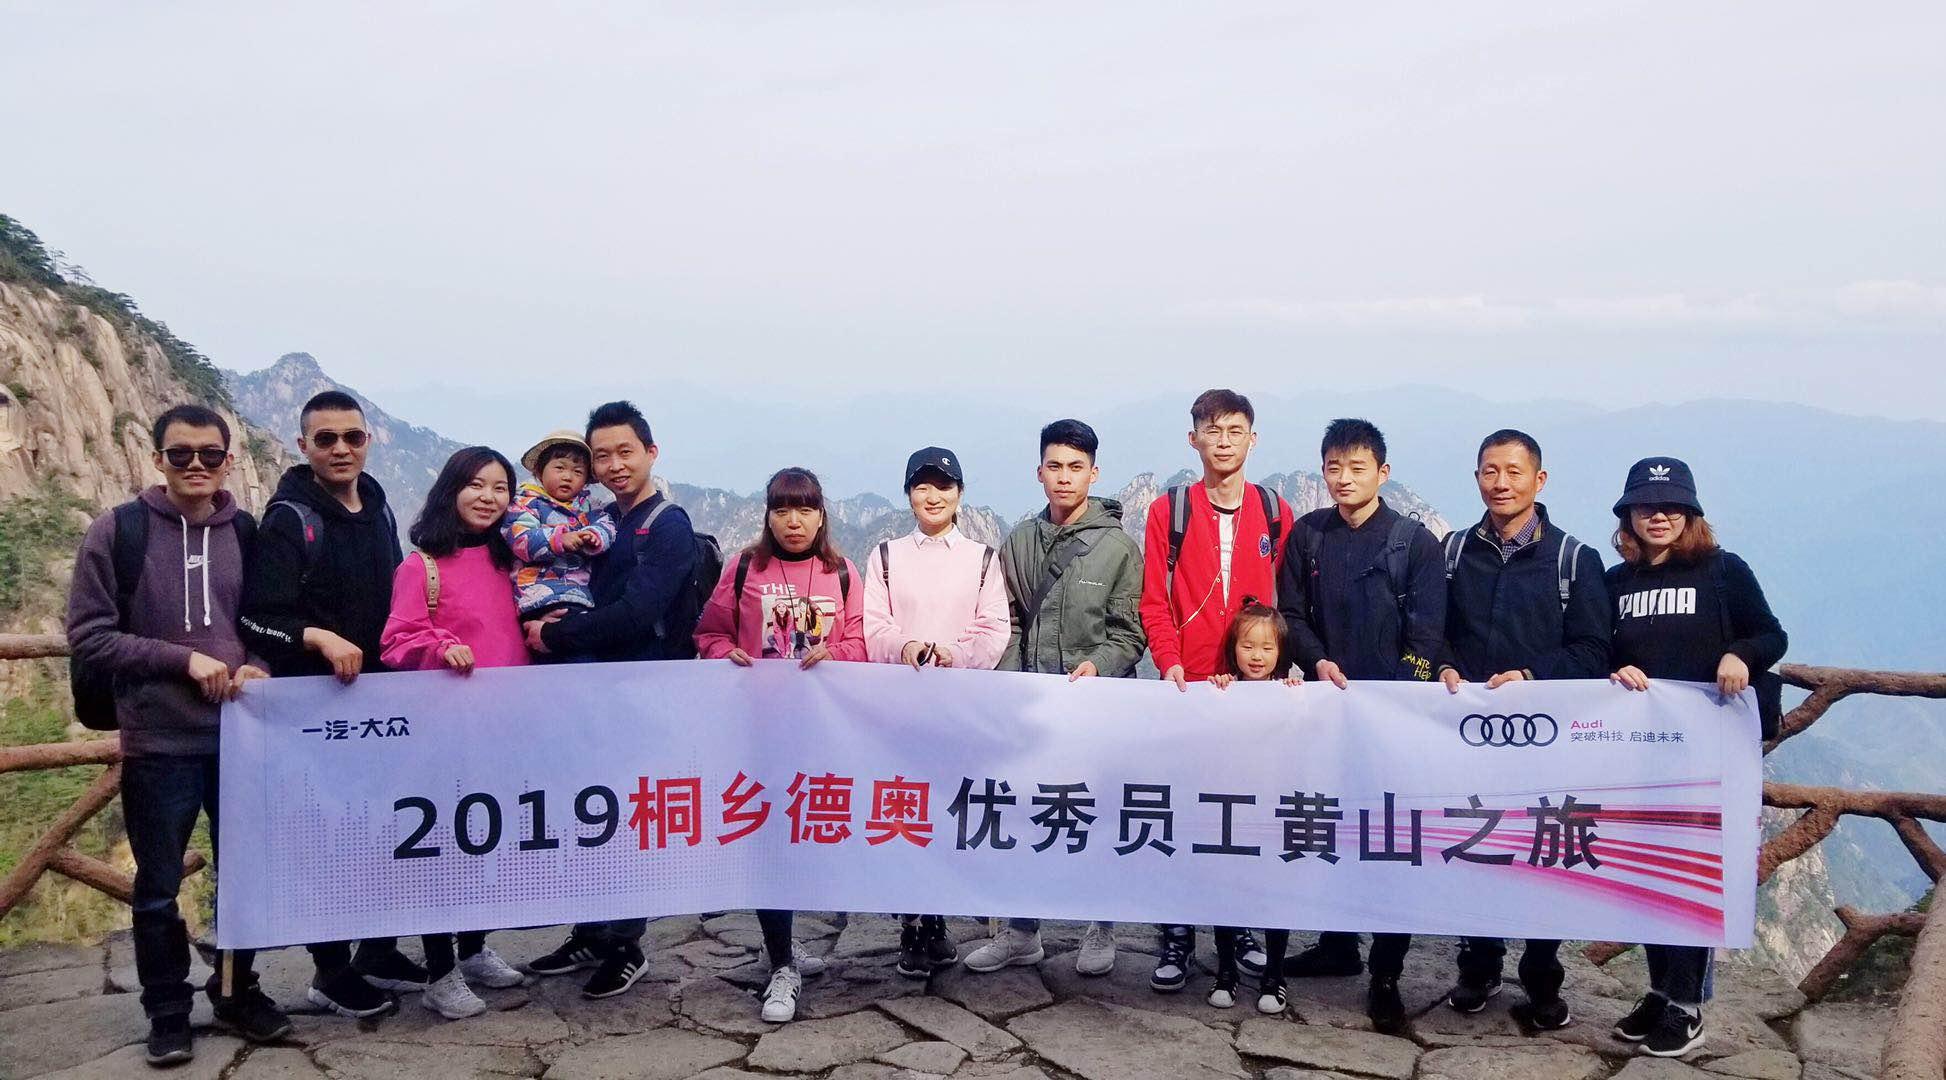 桐乡德奥2018年度优秀员工黄山三日游圆满结束